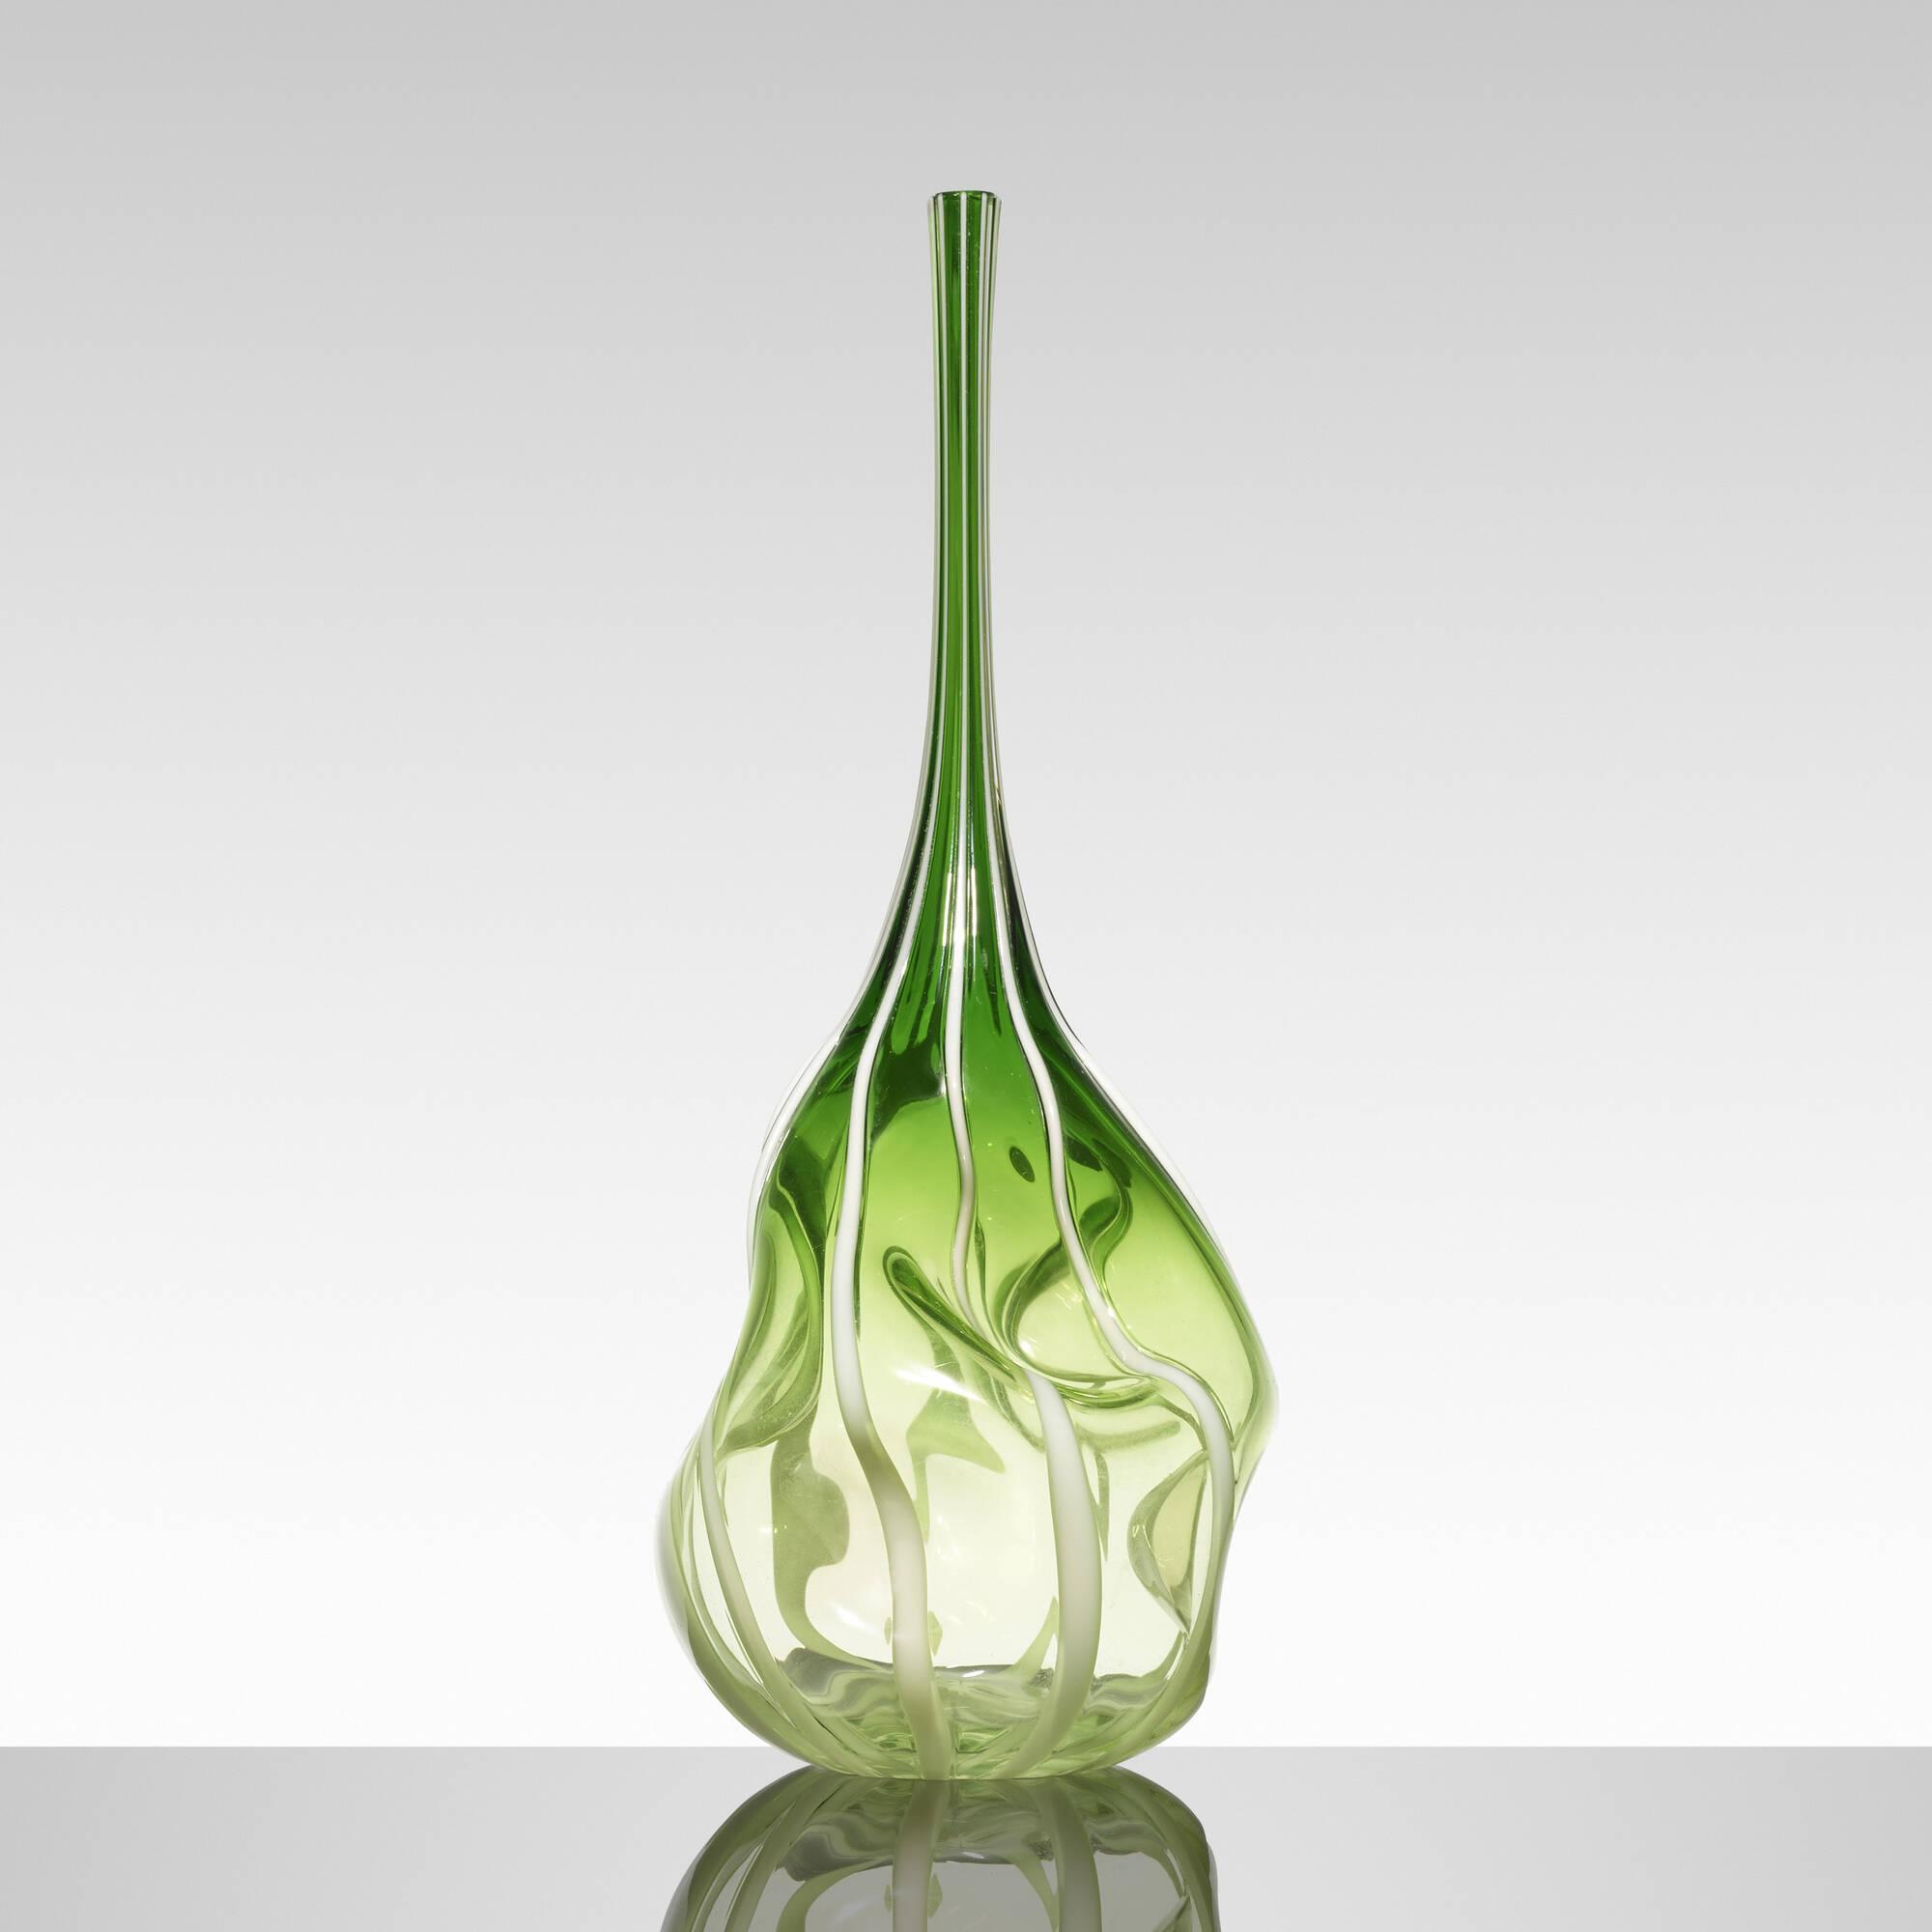 189: Anzolo Fuga / sculptural vase (2 of 3)